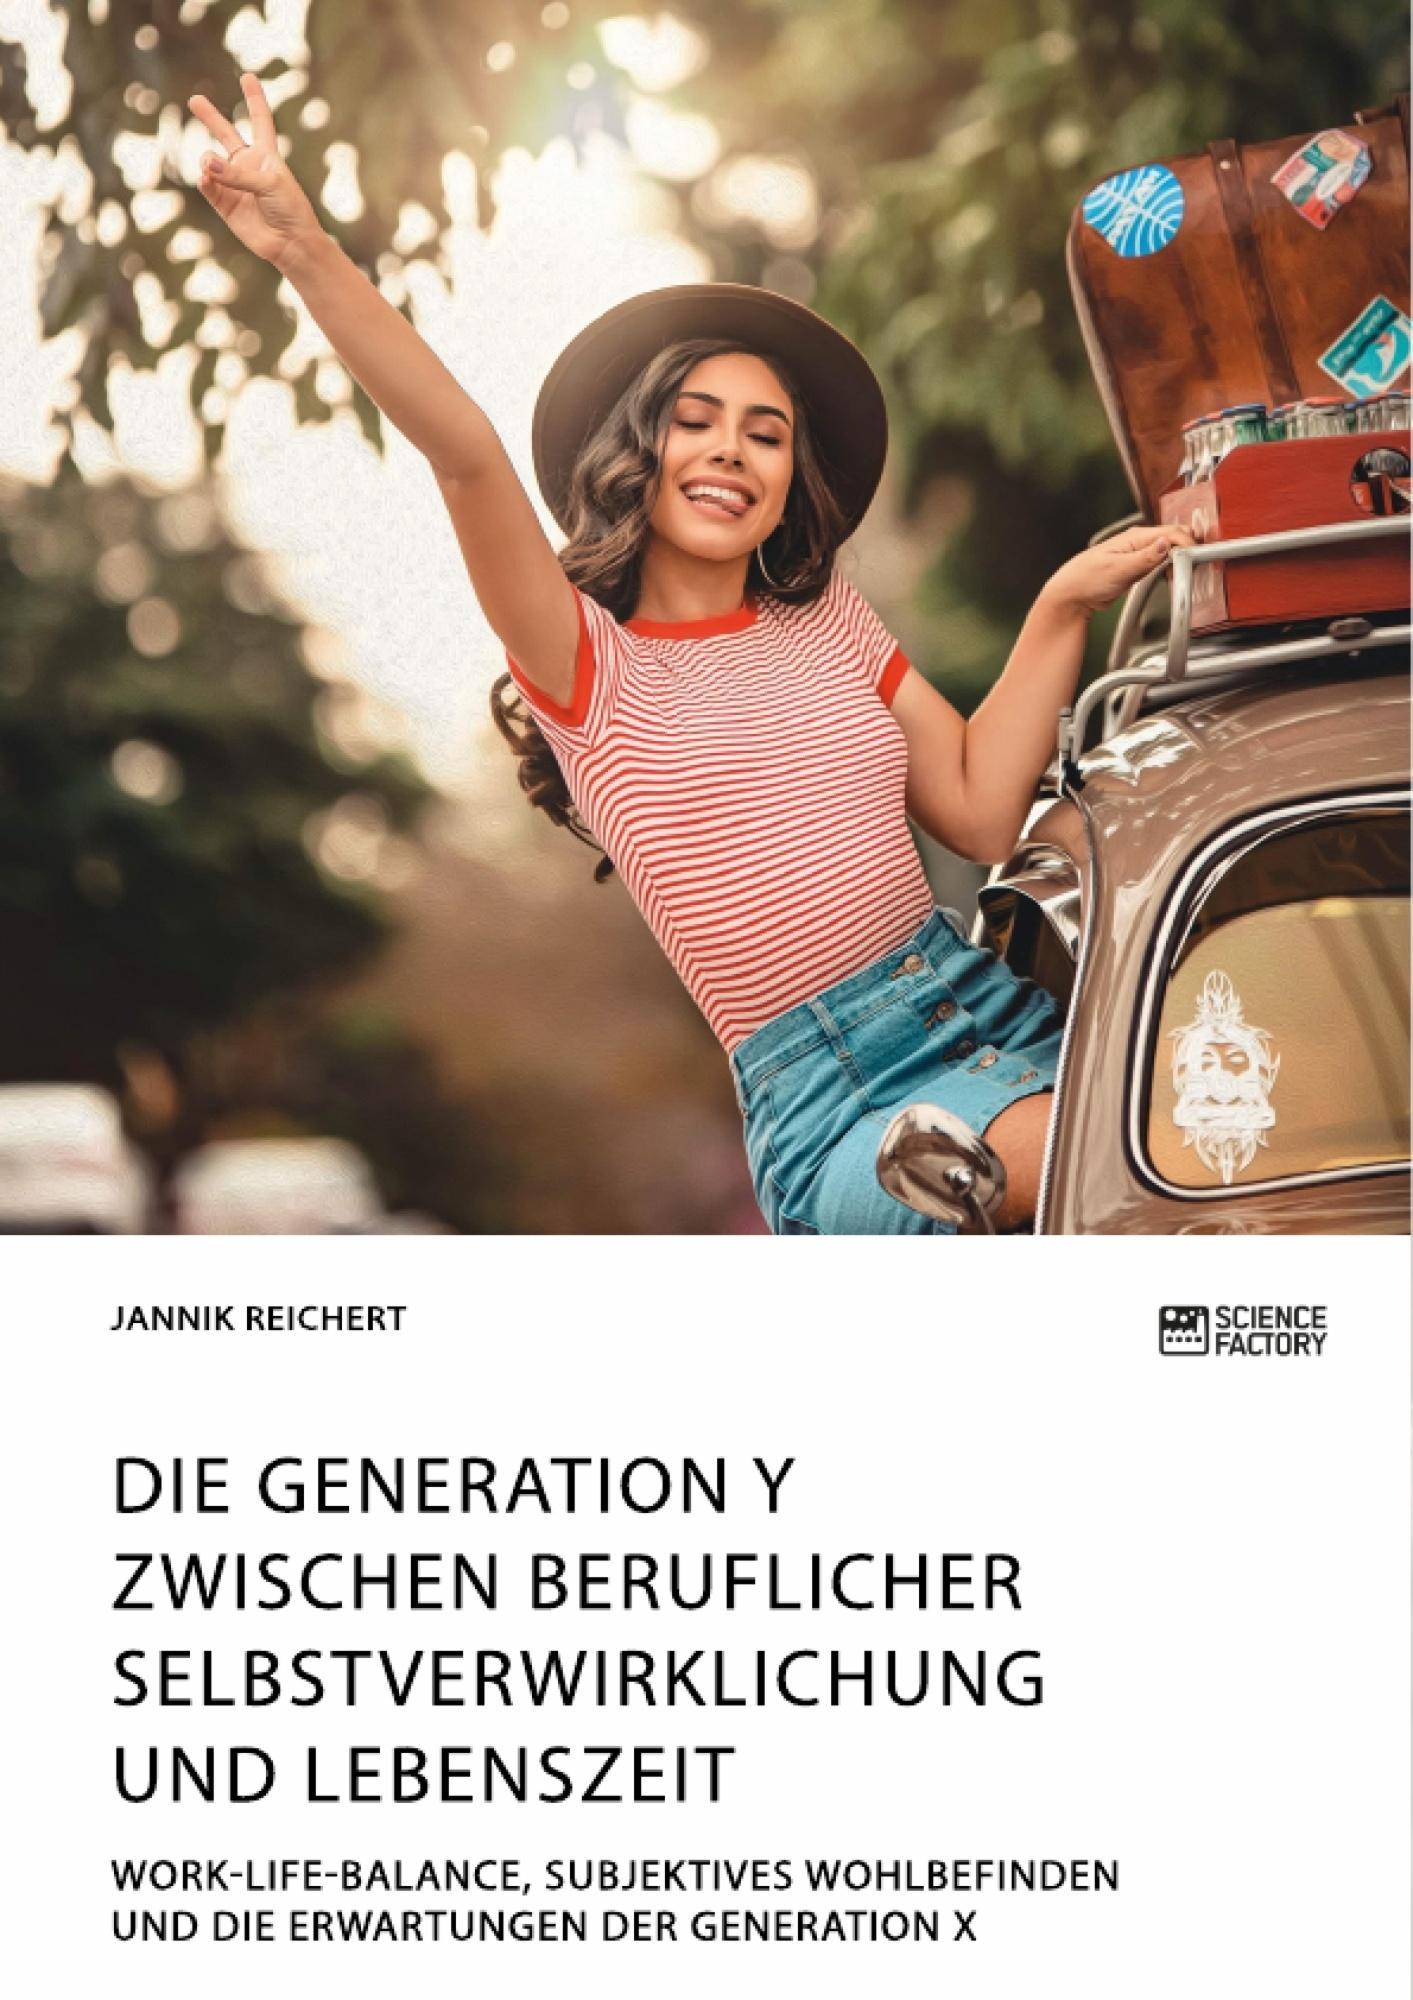 Titel: Die Generation Y zwischen beruflicher Selbstverwirklichung und Lebenszeit. Work-Life-Balance, subjektives Wohlbefinden und die Erwartungen der Generation X